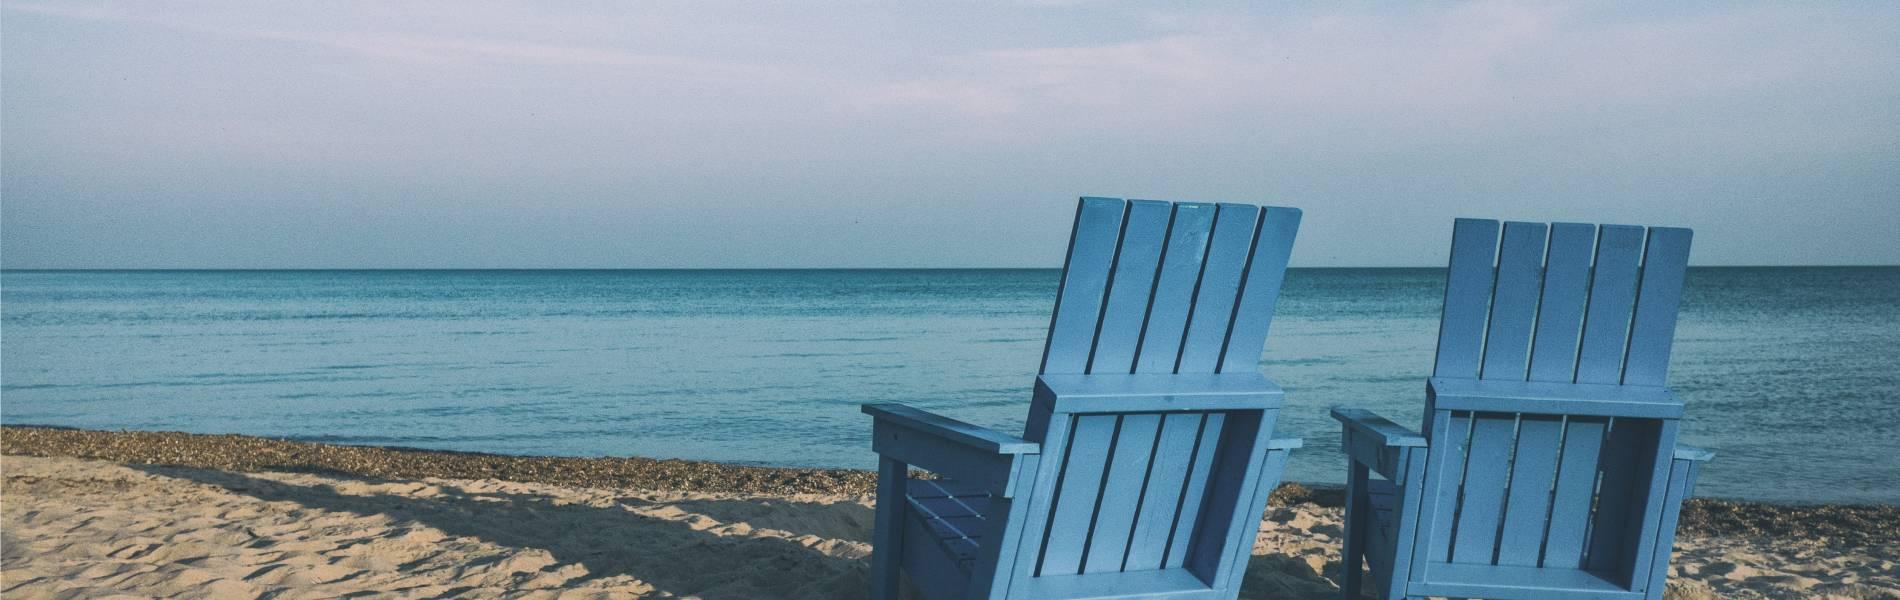 Mar Blau